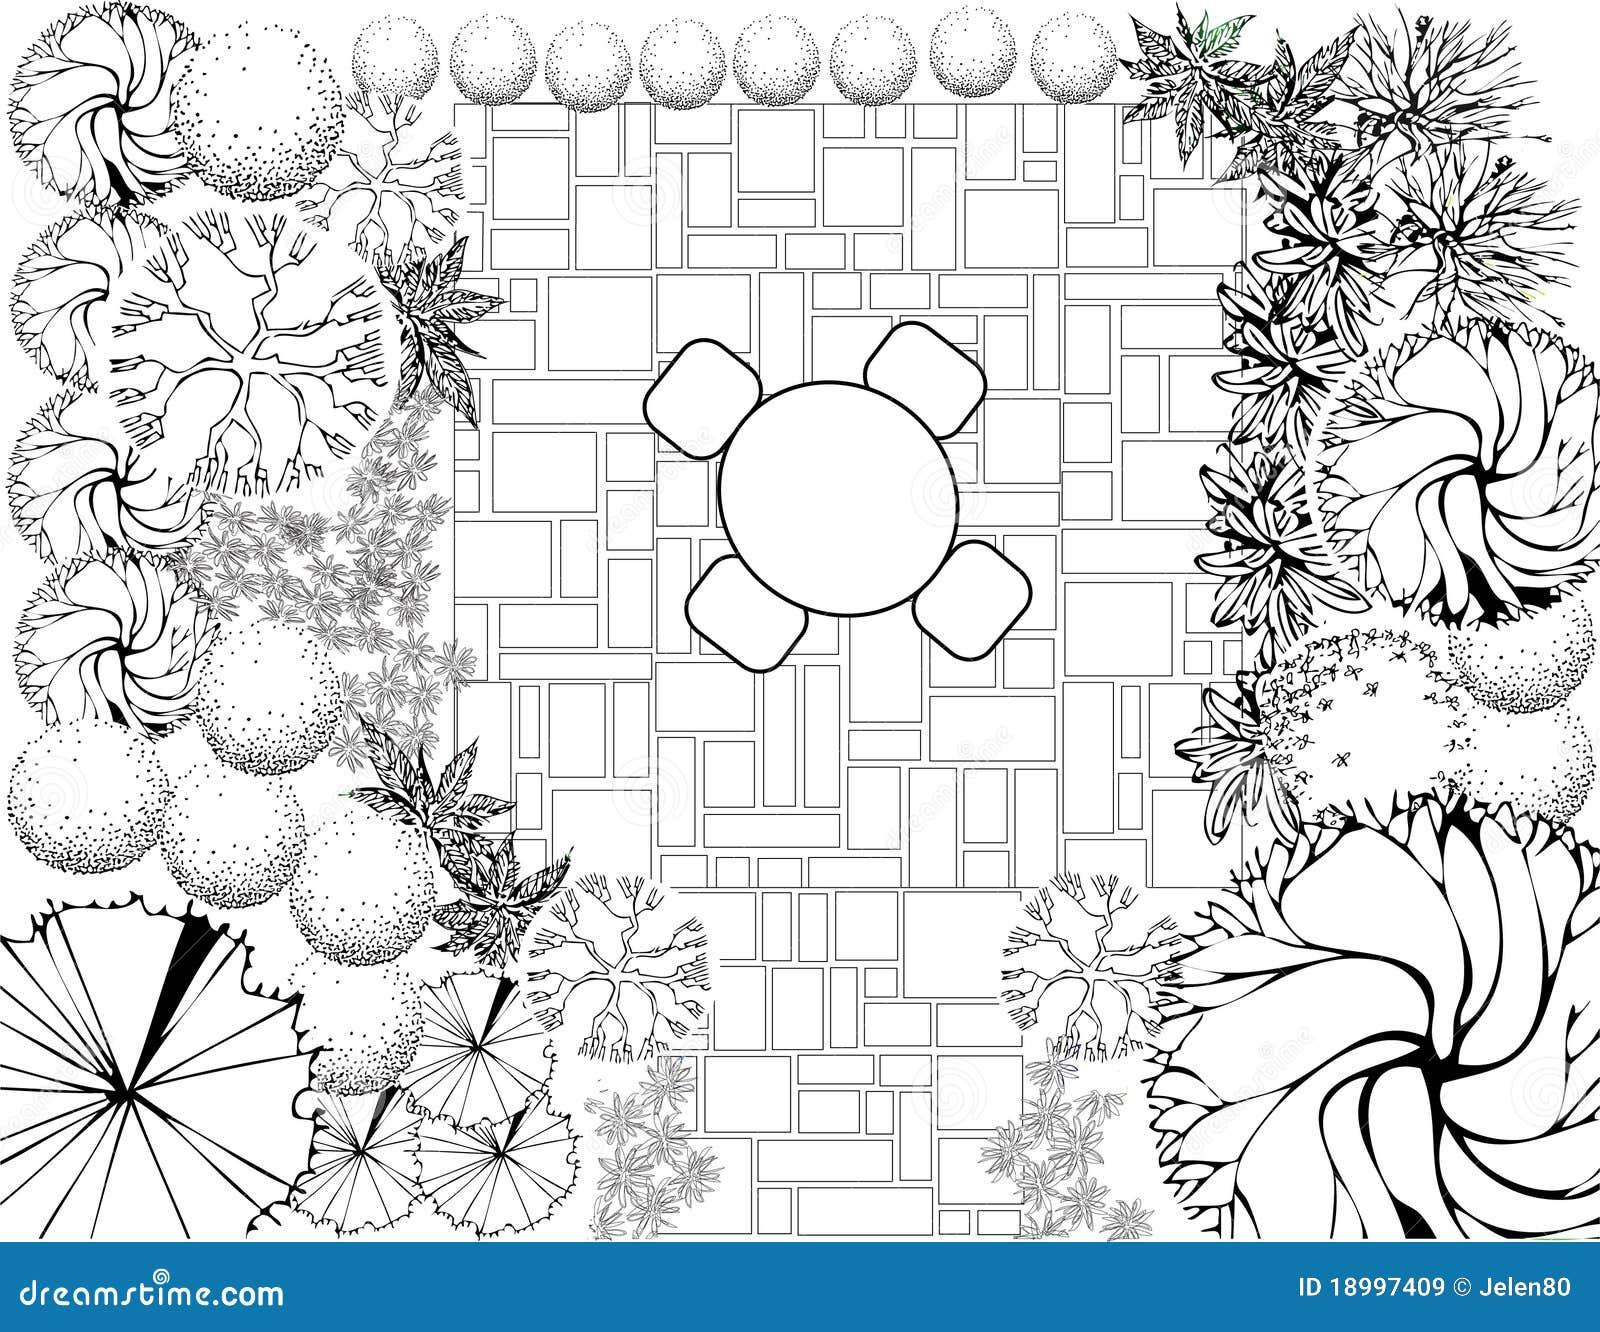 Plan de jardin noir et blanc images libres de droits for Jardin noir et blanc